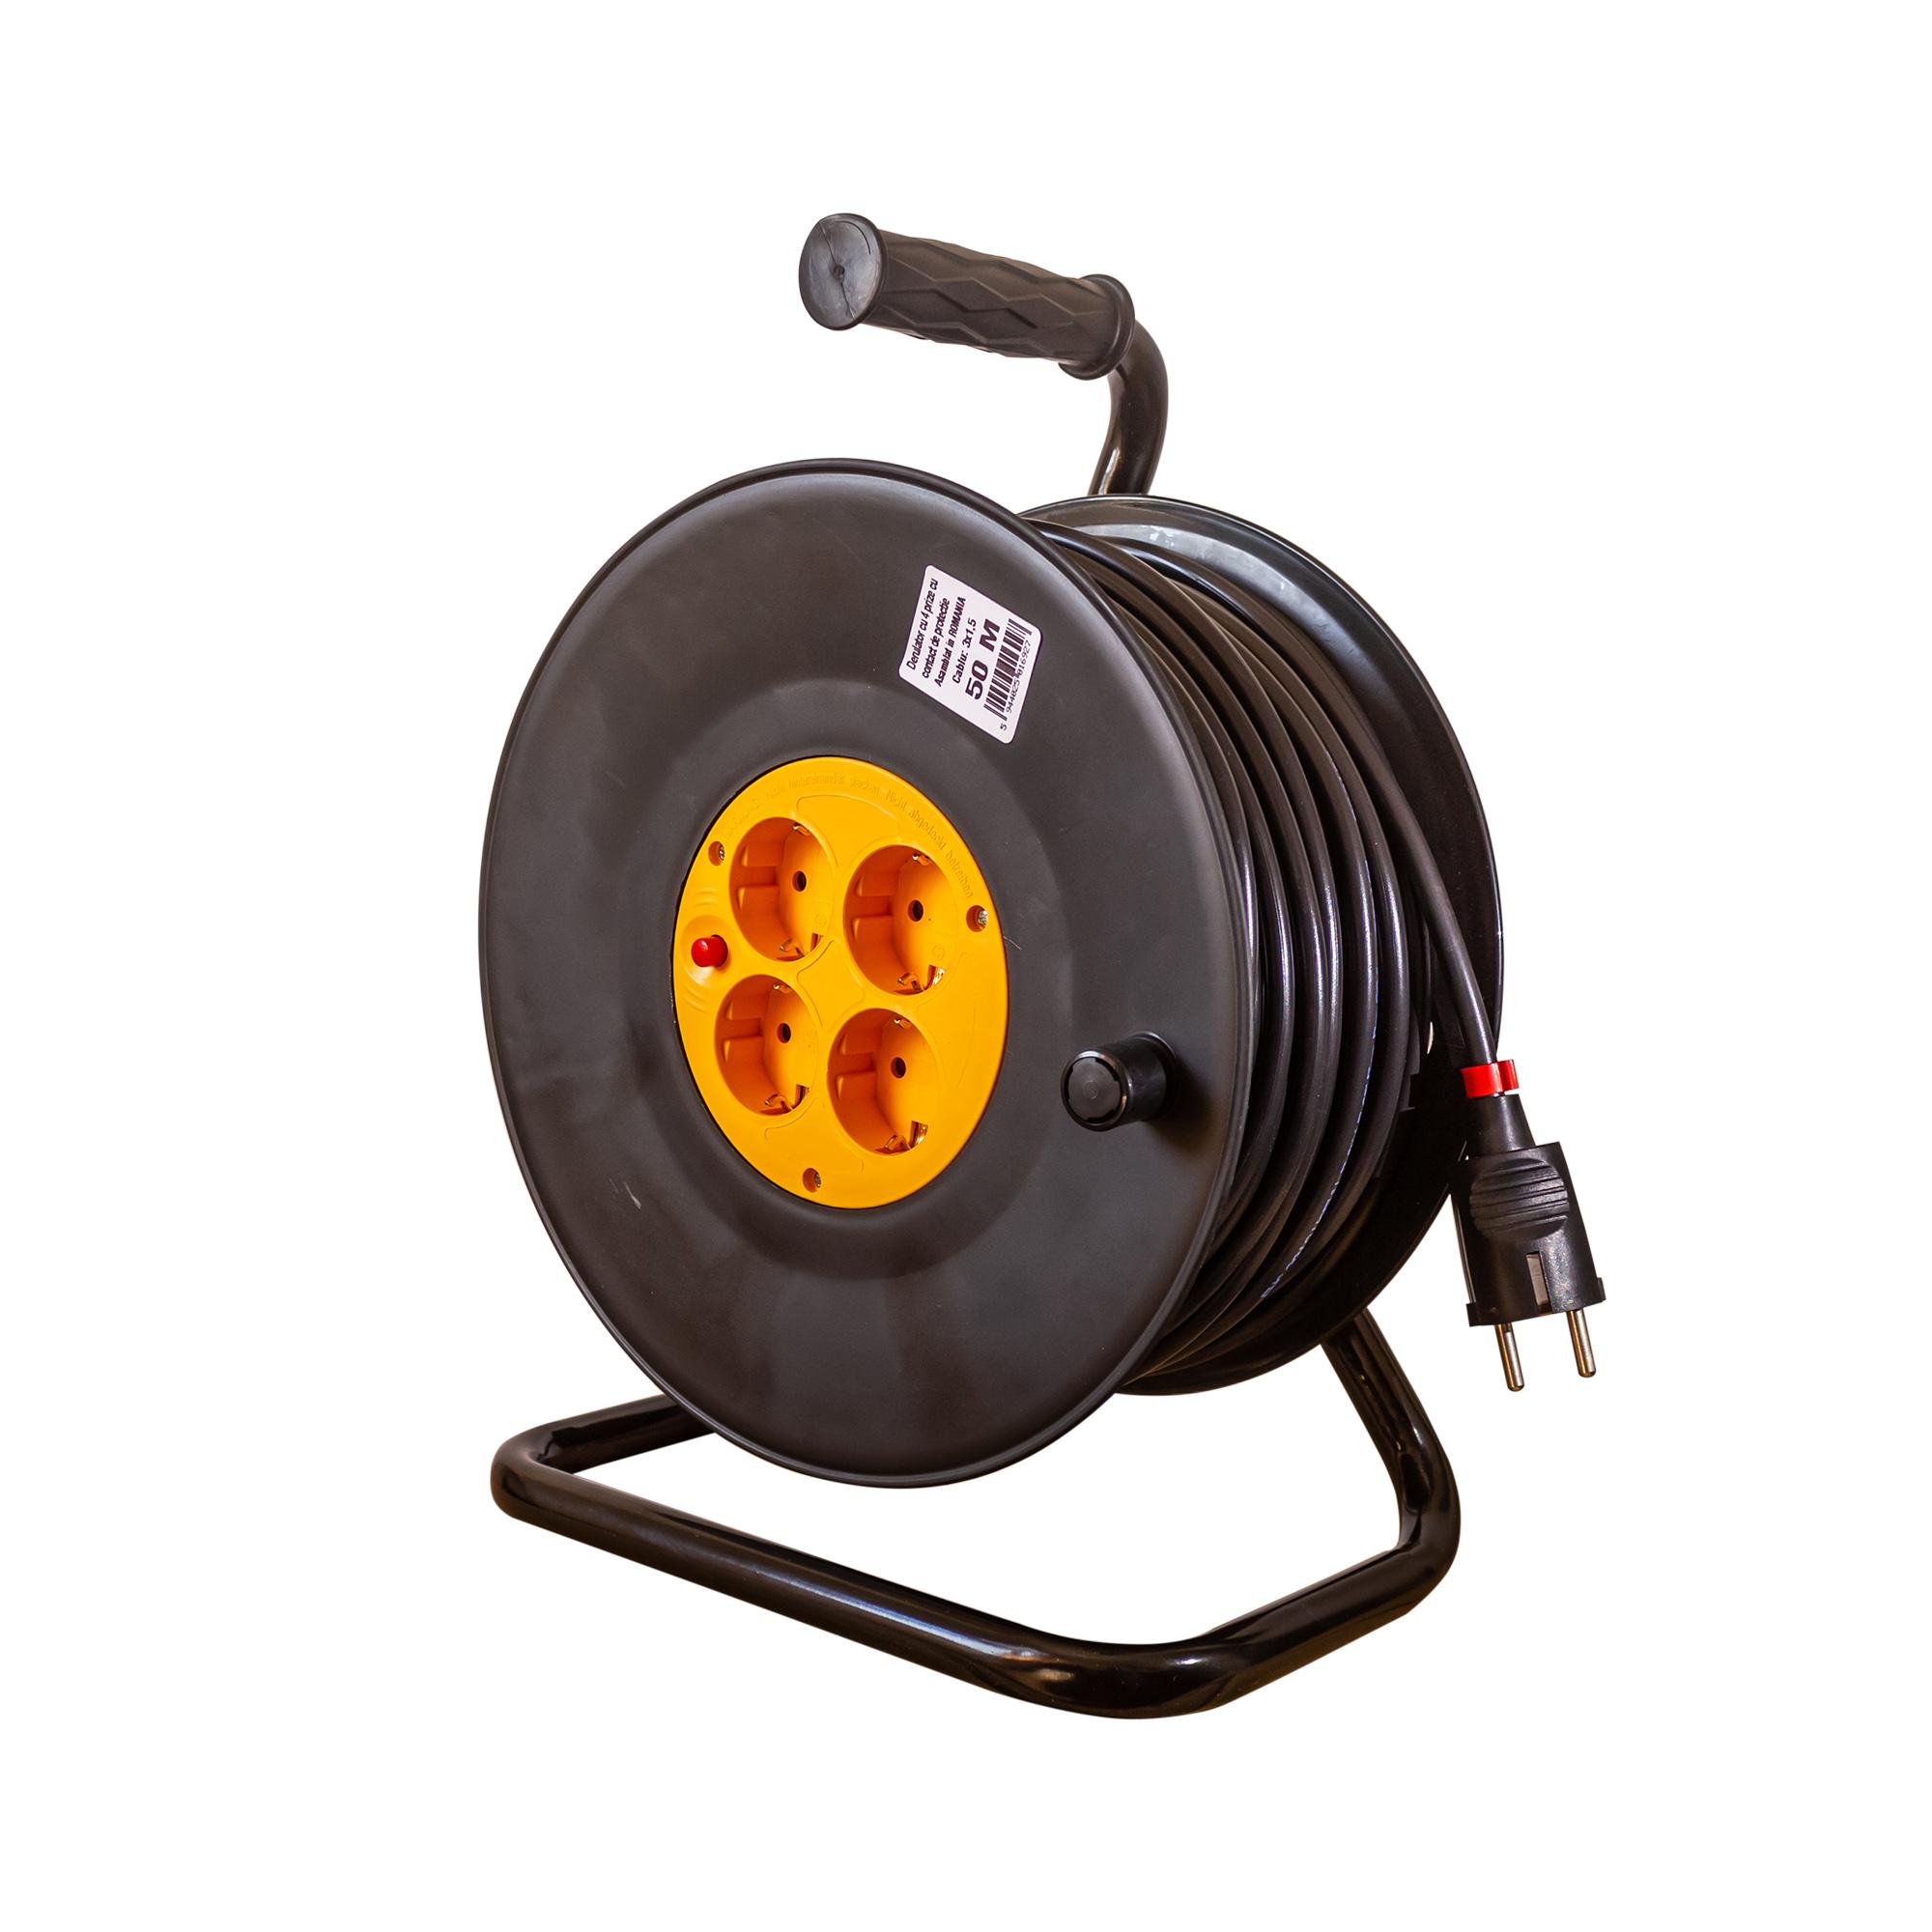 Derulator cablu electric cu 4 prize, Schuko, 3 x 1,5 mmp, 40 m mathaus 2021